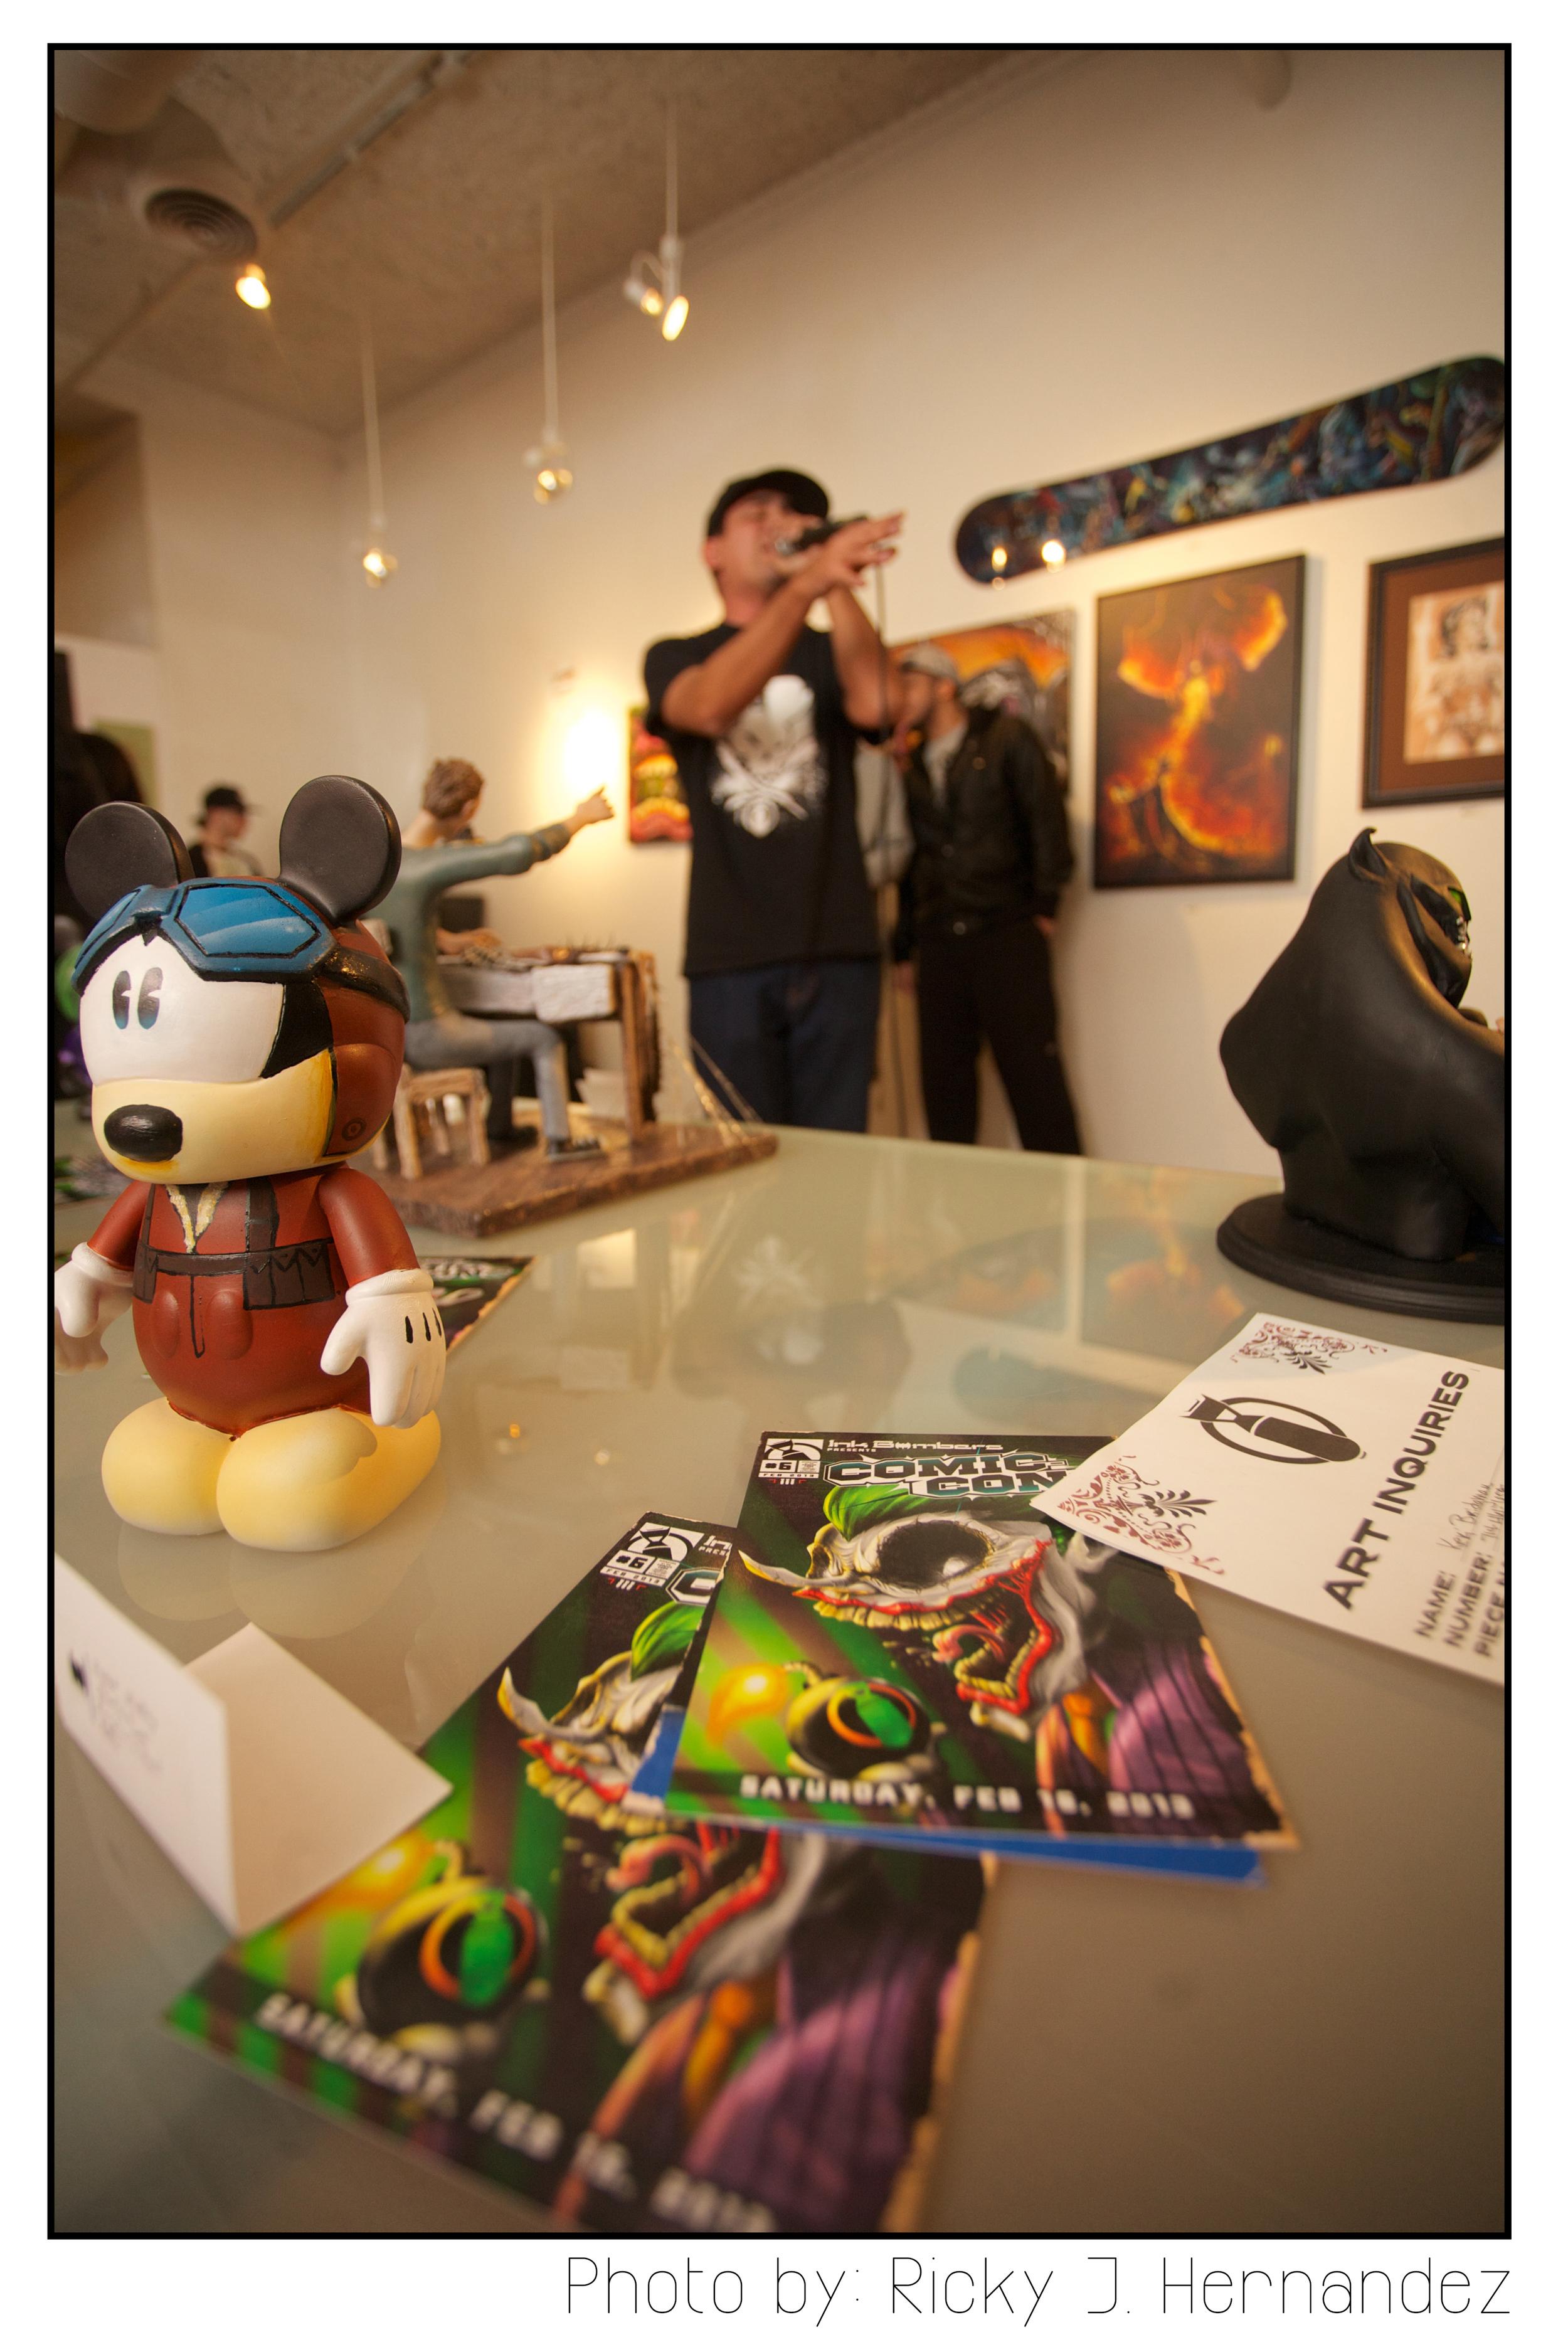 Ricky-J-Hernandez-com-714-200-3032-img-_MG_4802 copy